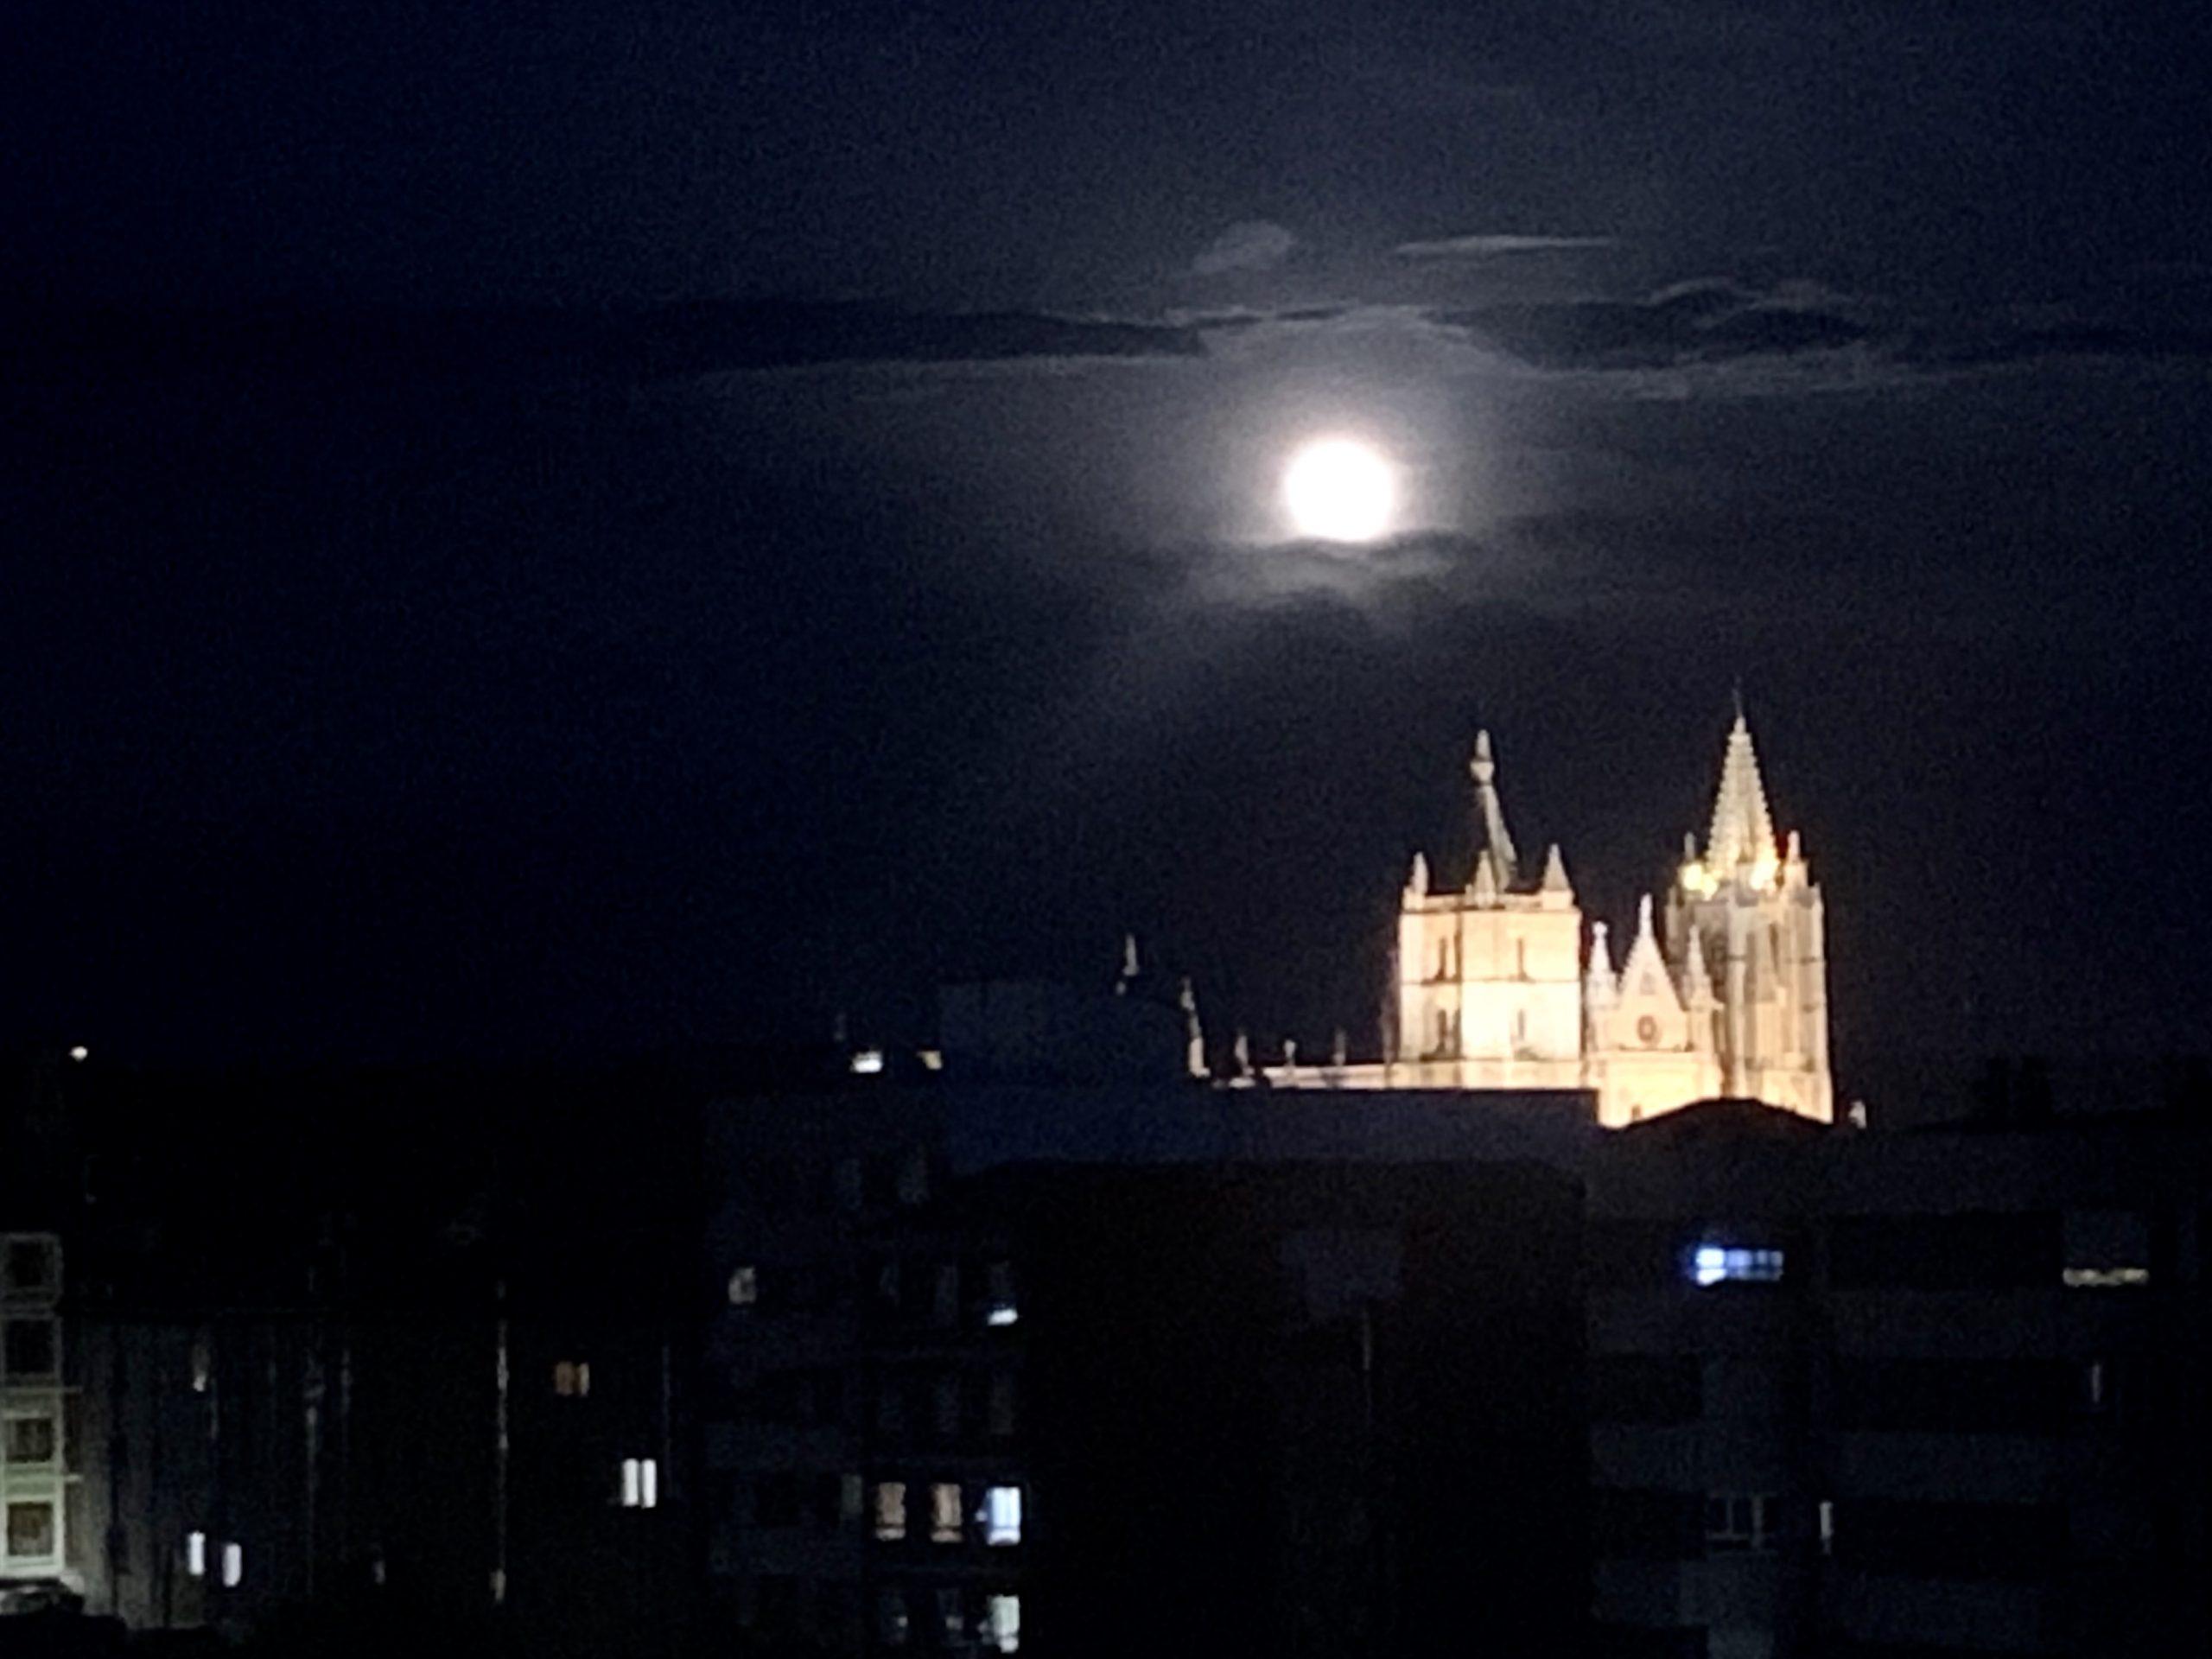 ¿Les gustaría a los leoneses más iluminación en la Catedral?